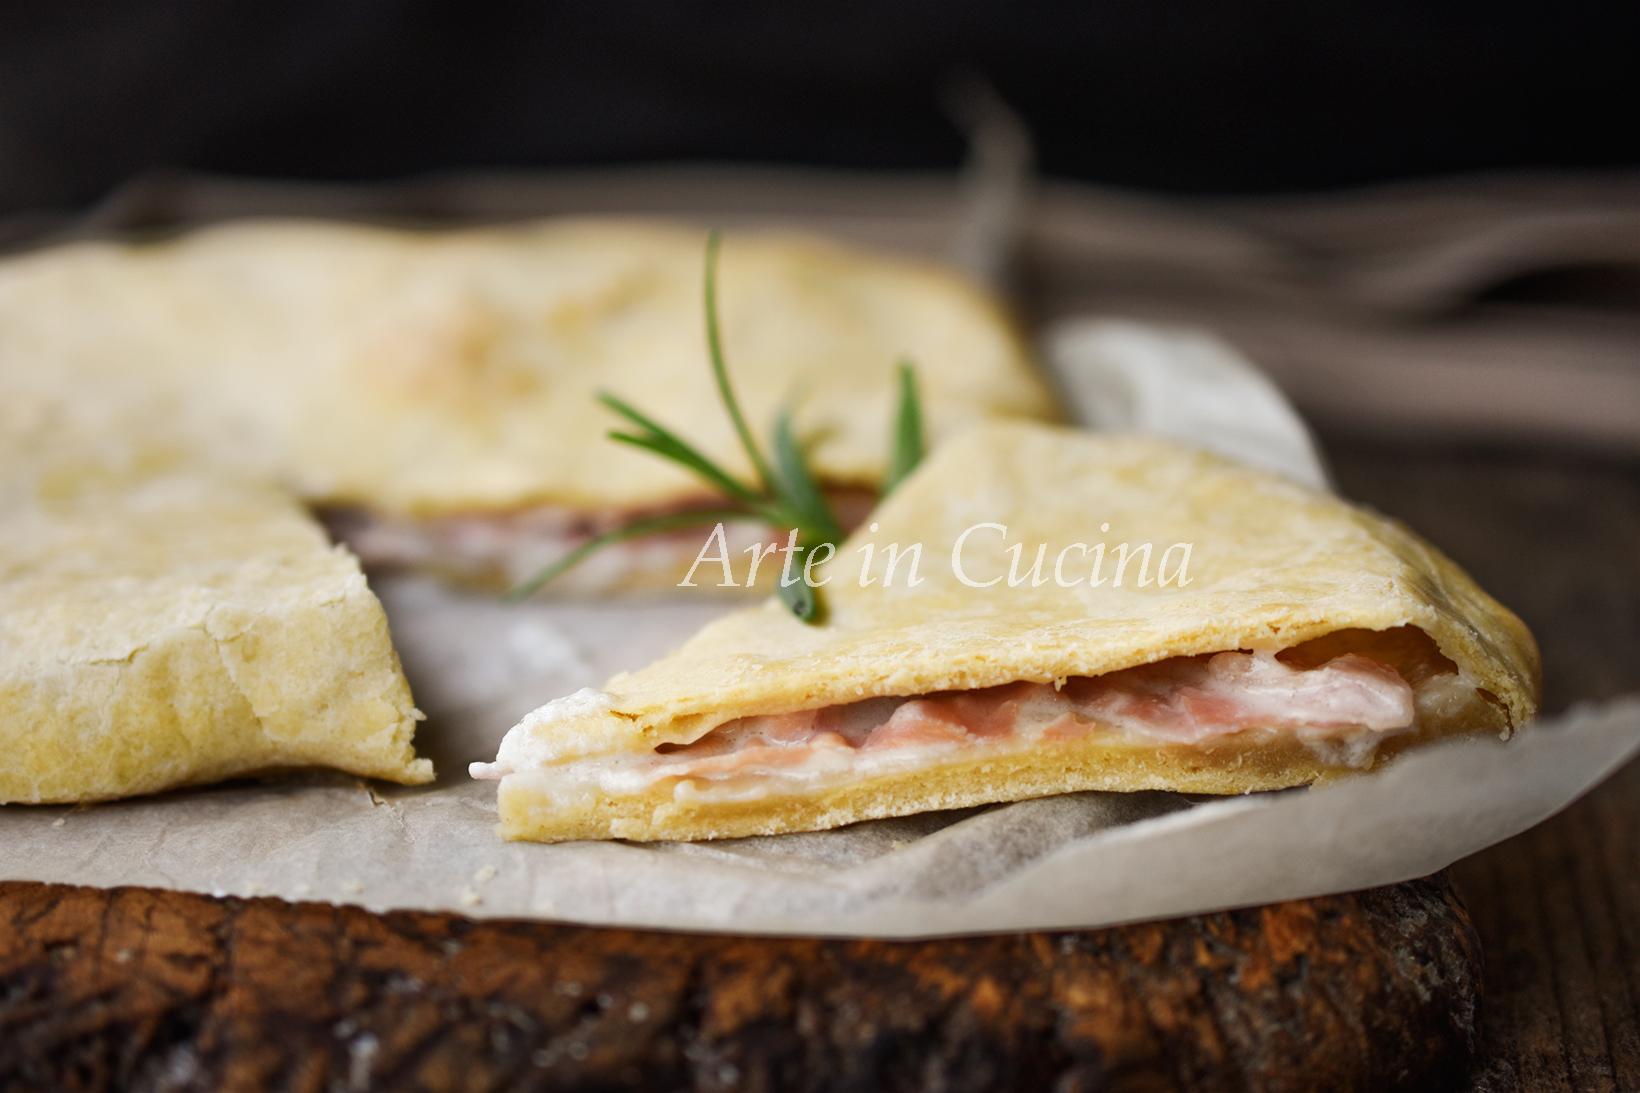 Schiacciata stracchino e prosciutto ricetta torta salata veloce vickyart arte in cucina